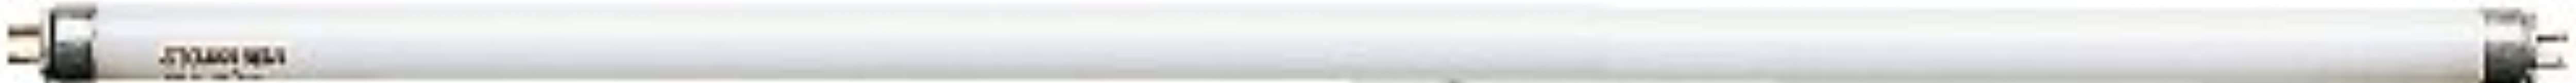 Brennenstuhl TL-lamp 21W G5, 1177260001